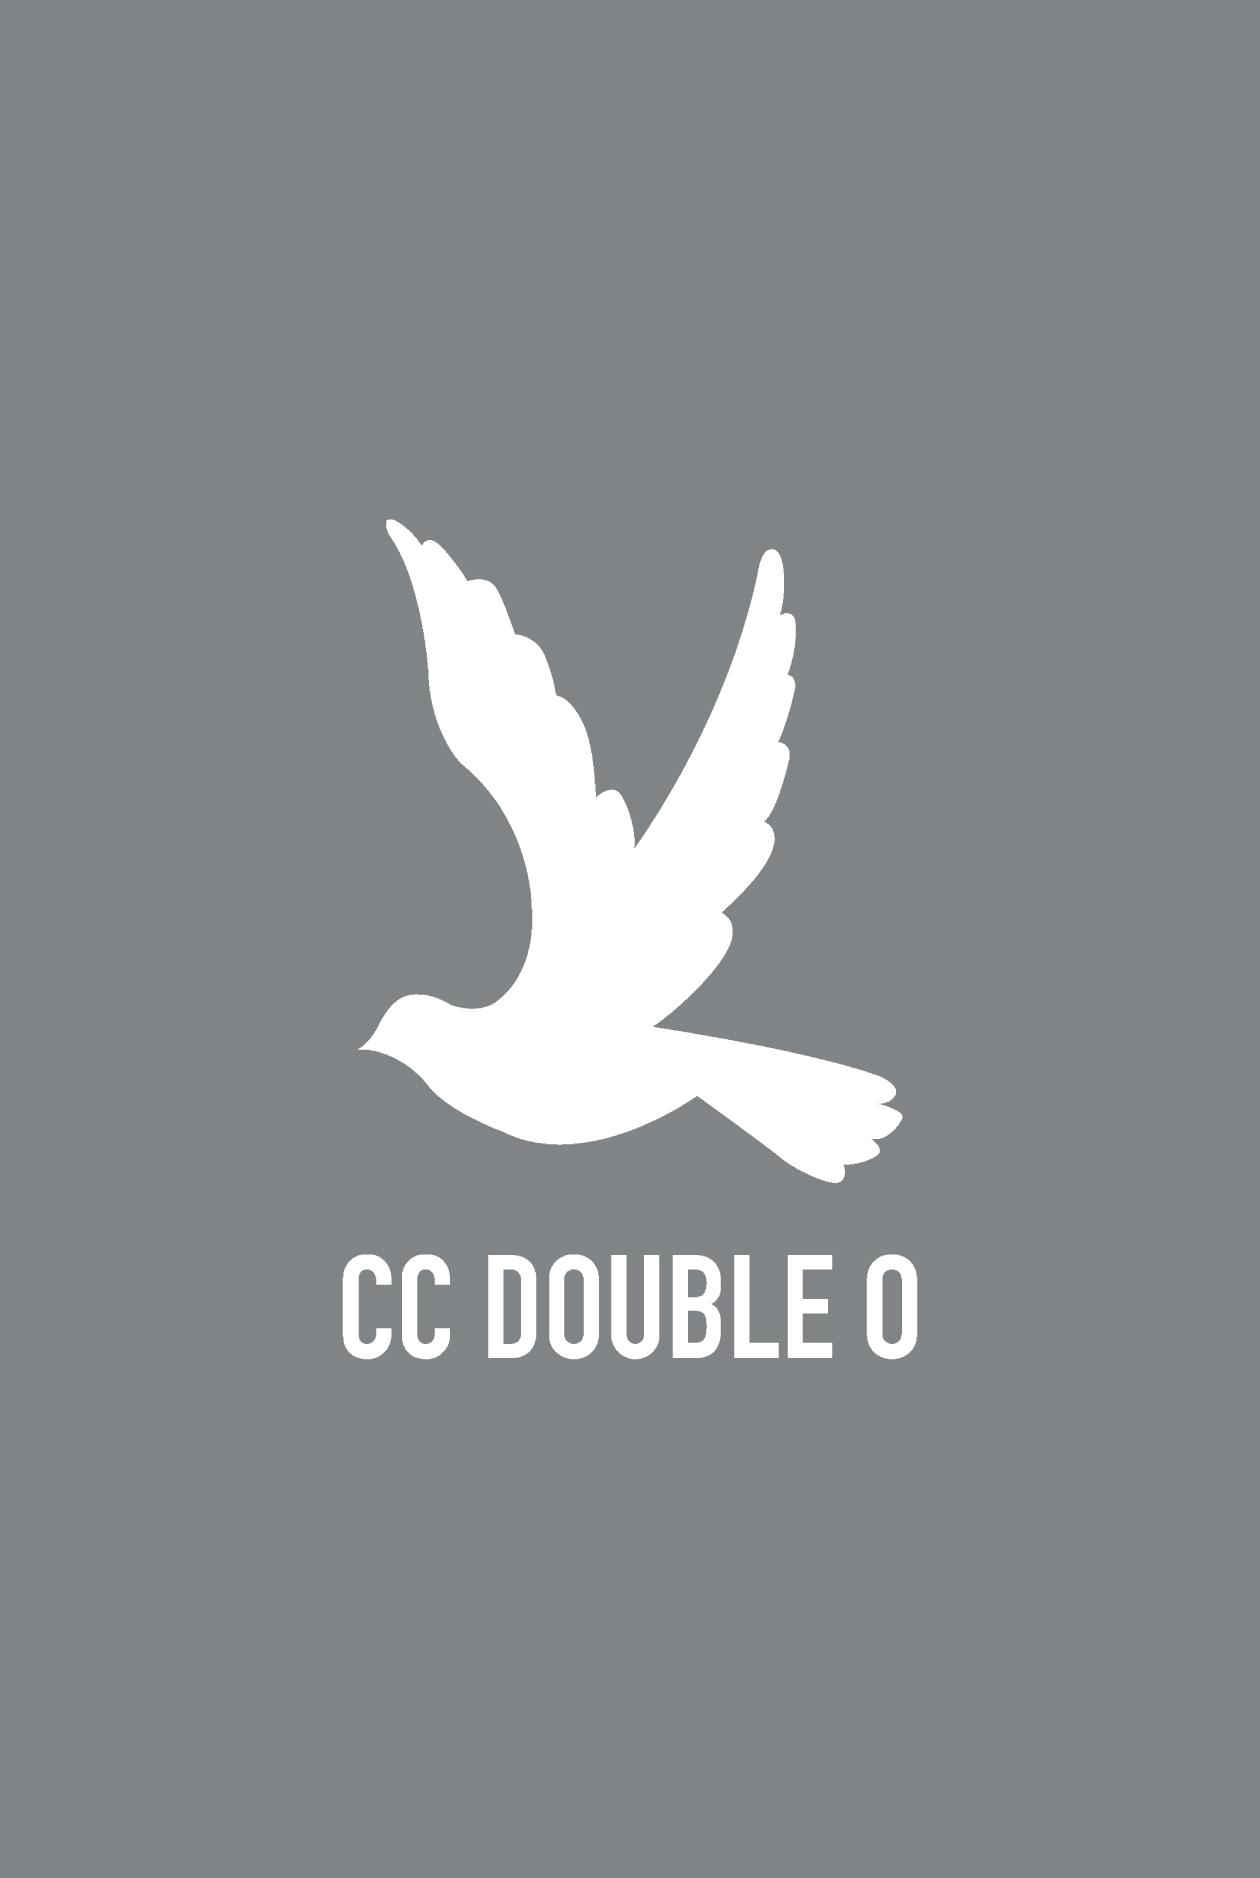 CC DOUBLE O Sport Tee